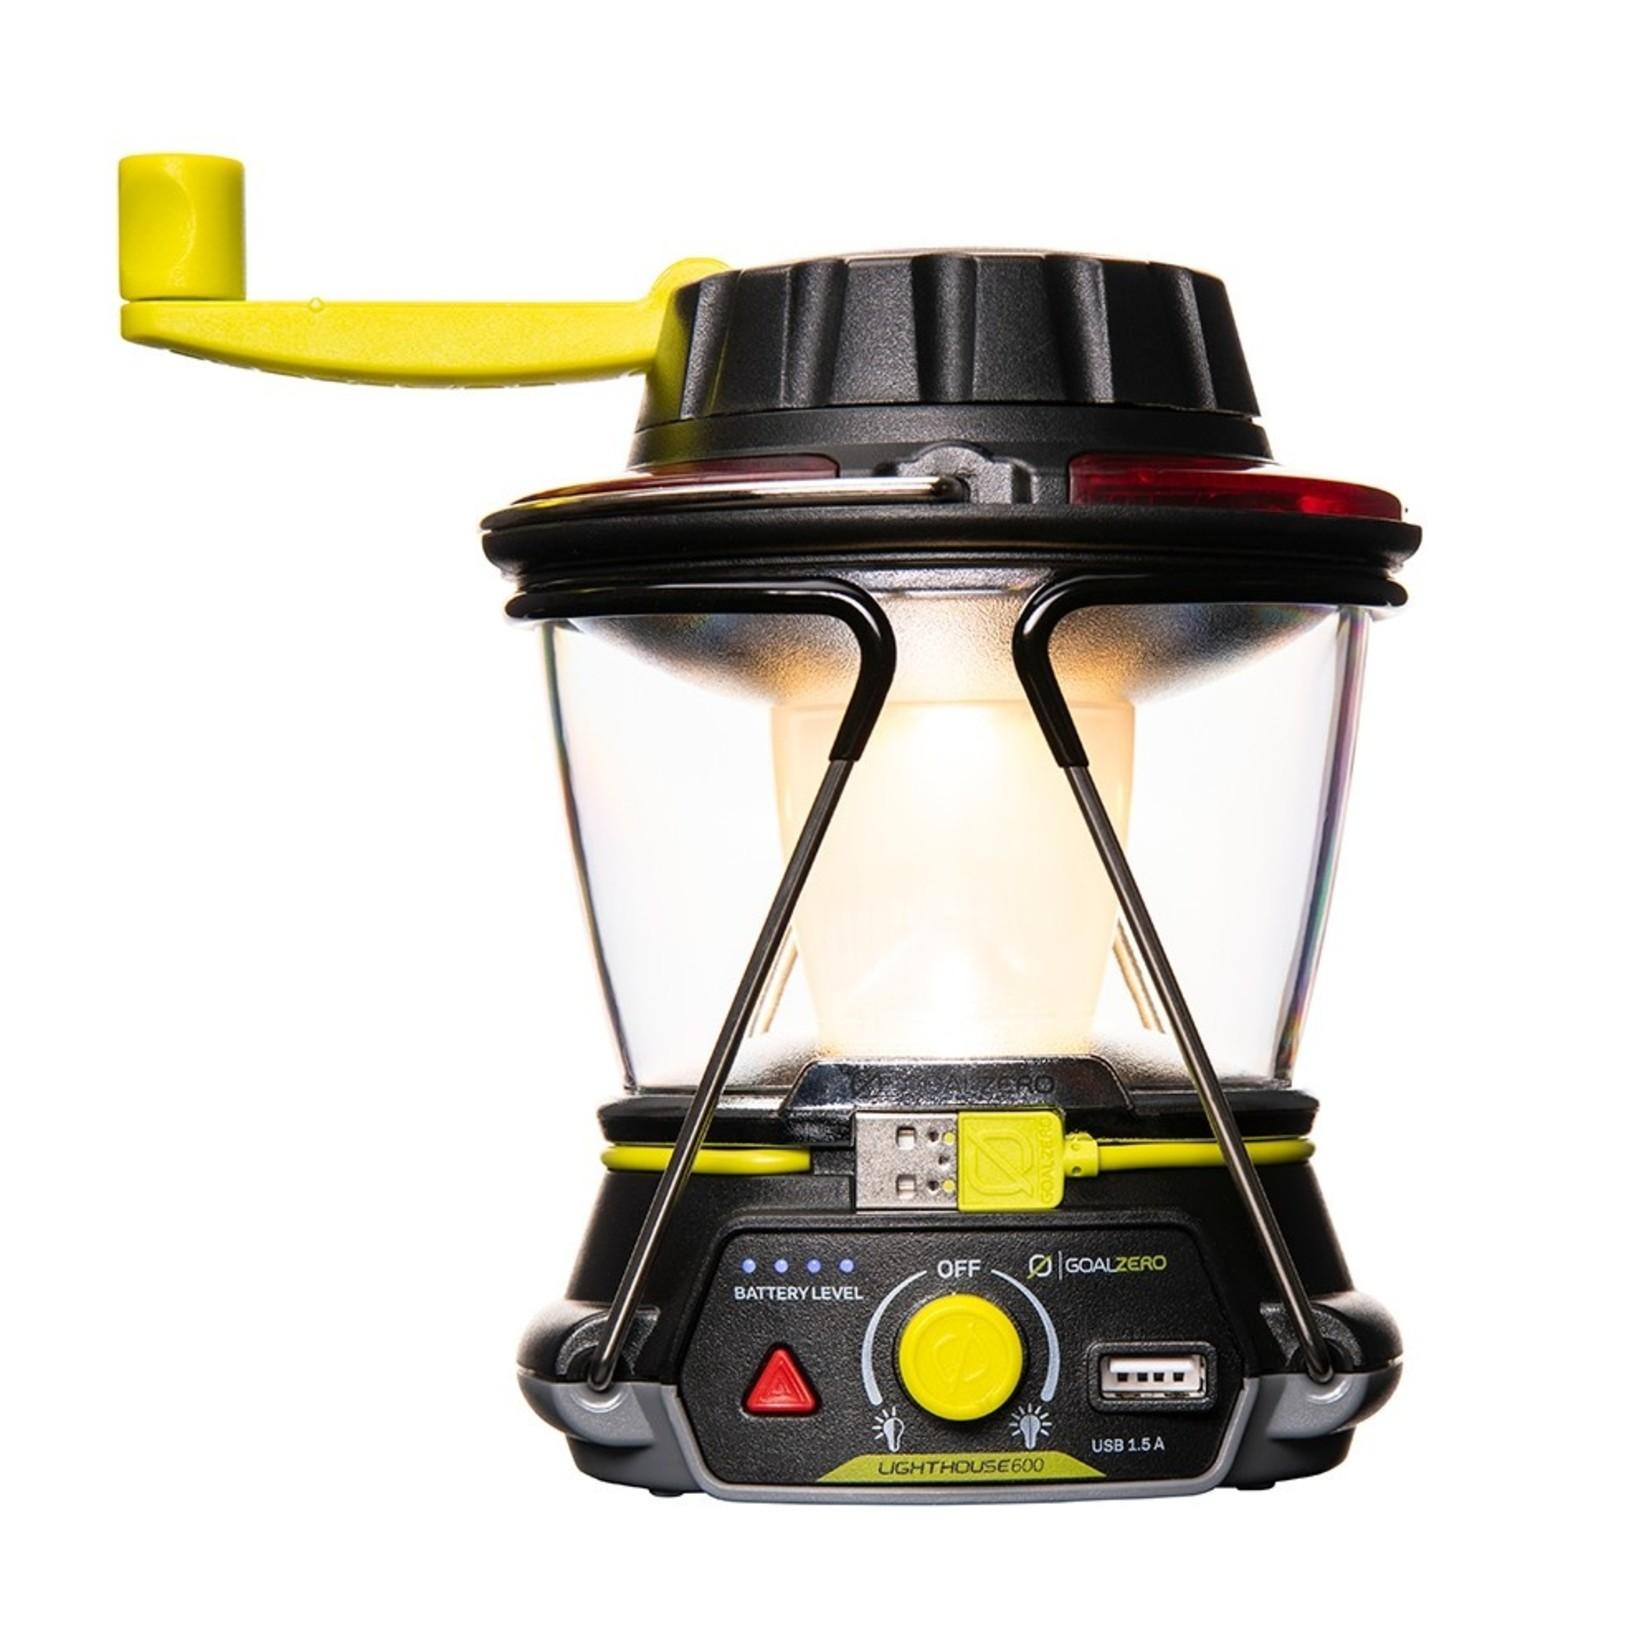 GOALZERO GOAL ZERO Lighthouse 600 Lantern & USB Power Hub